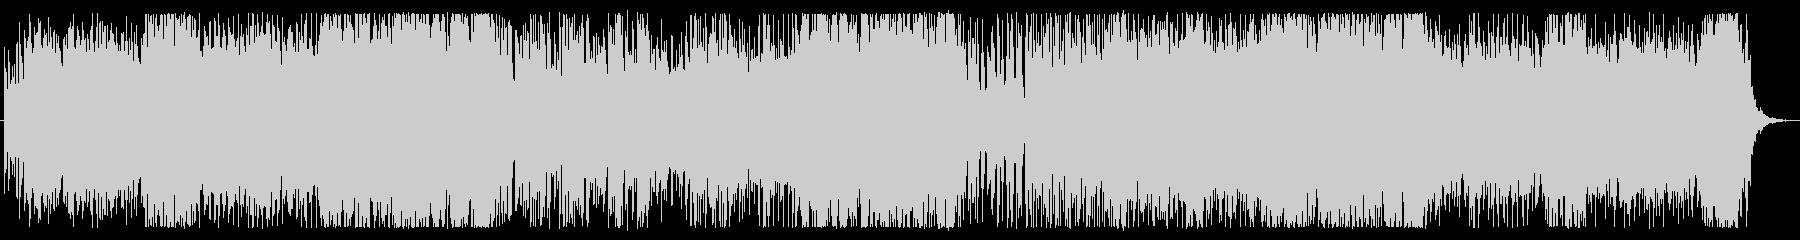 軽快なシンセ、インストの未再生の波形